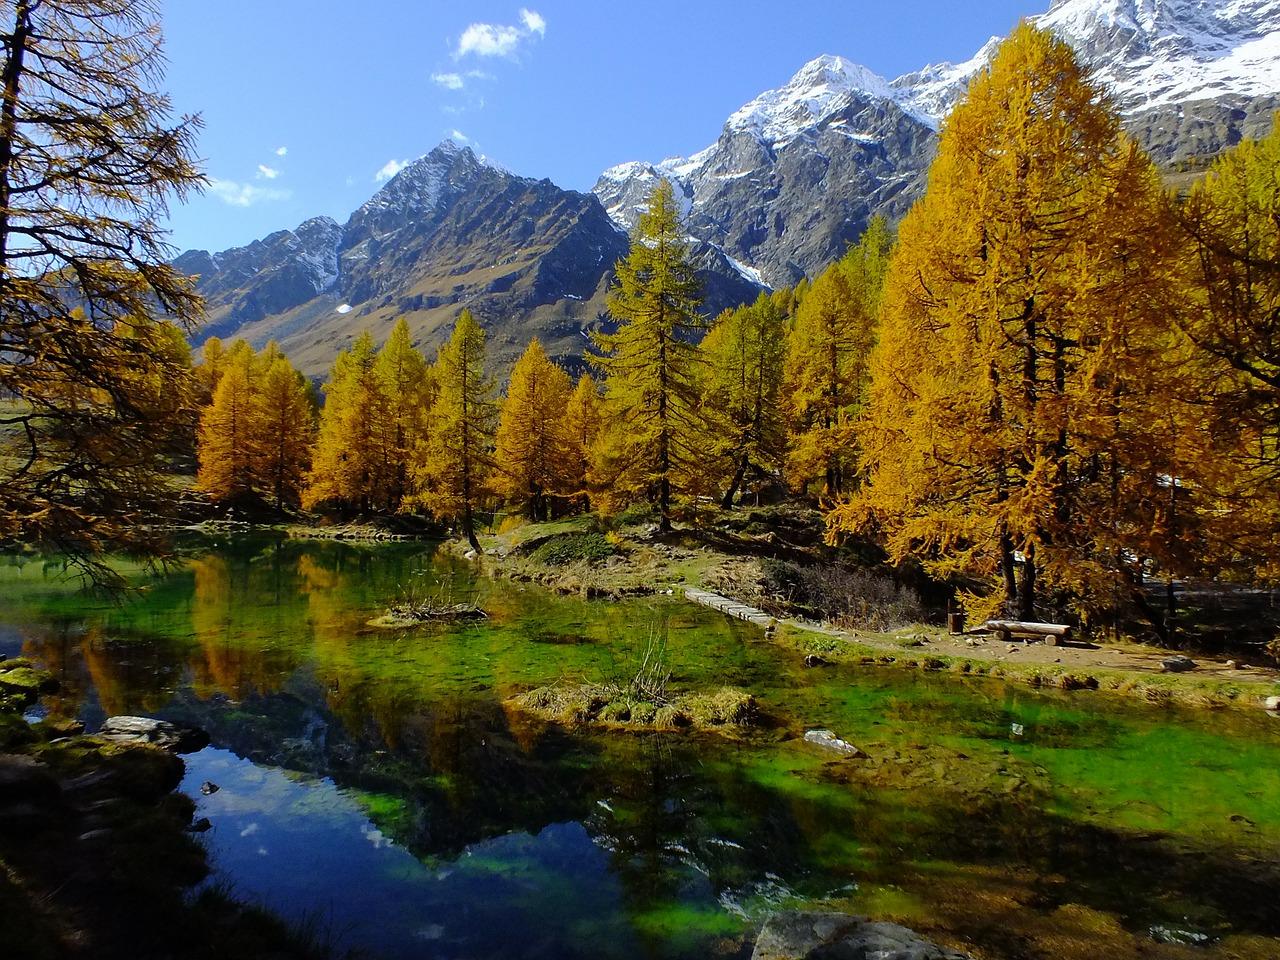 Hotel Benessere in Valle d'Aosta